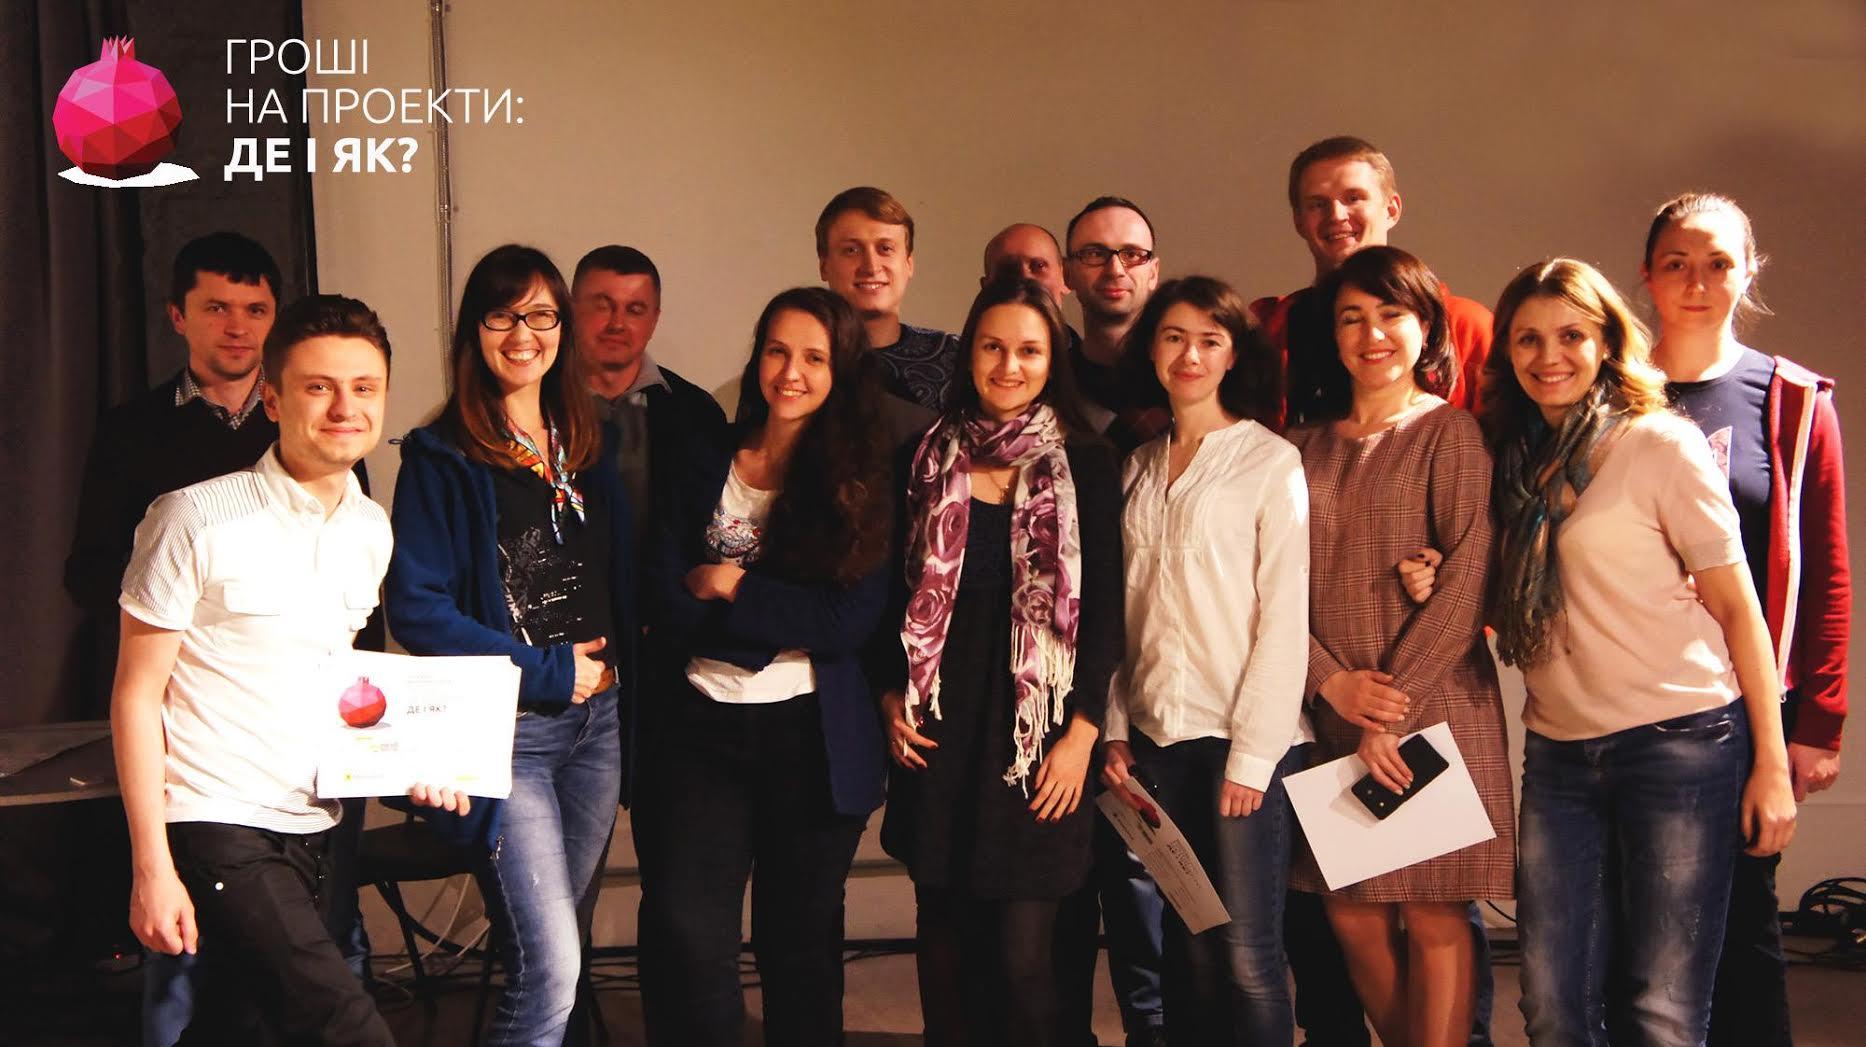 История Lobby X, рекрутинг-стартапа и социального предприятия